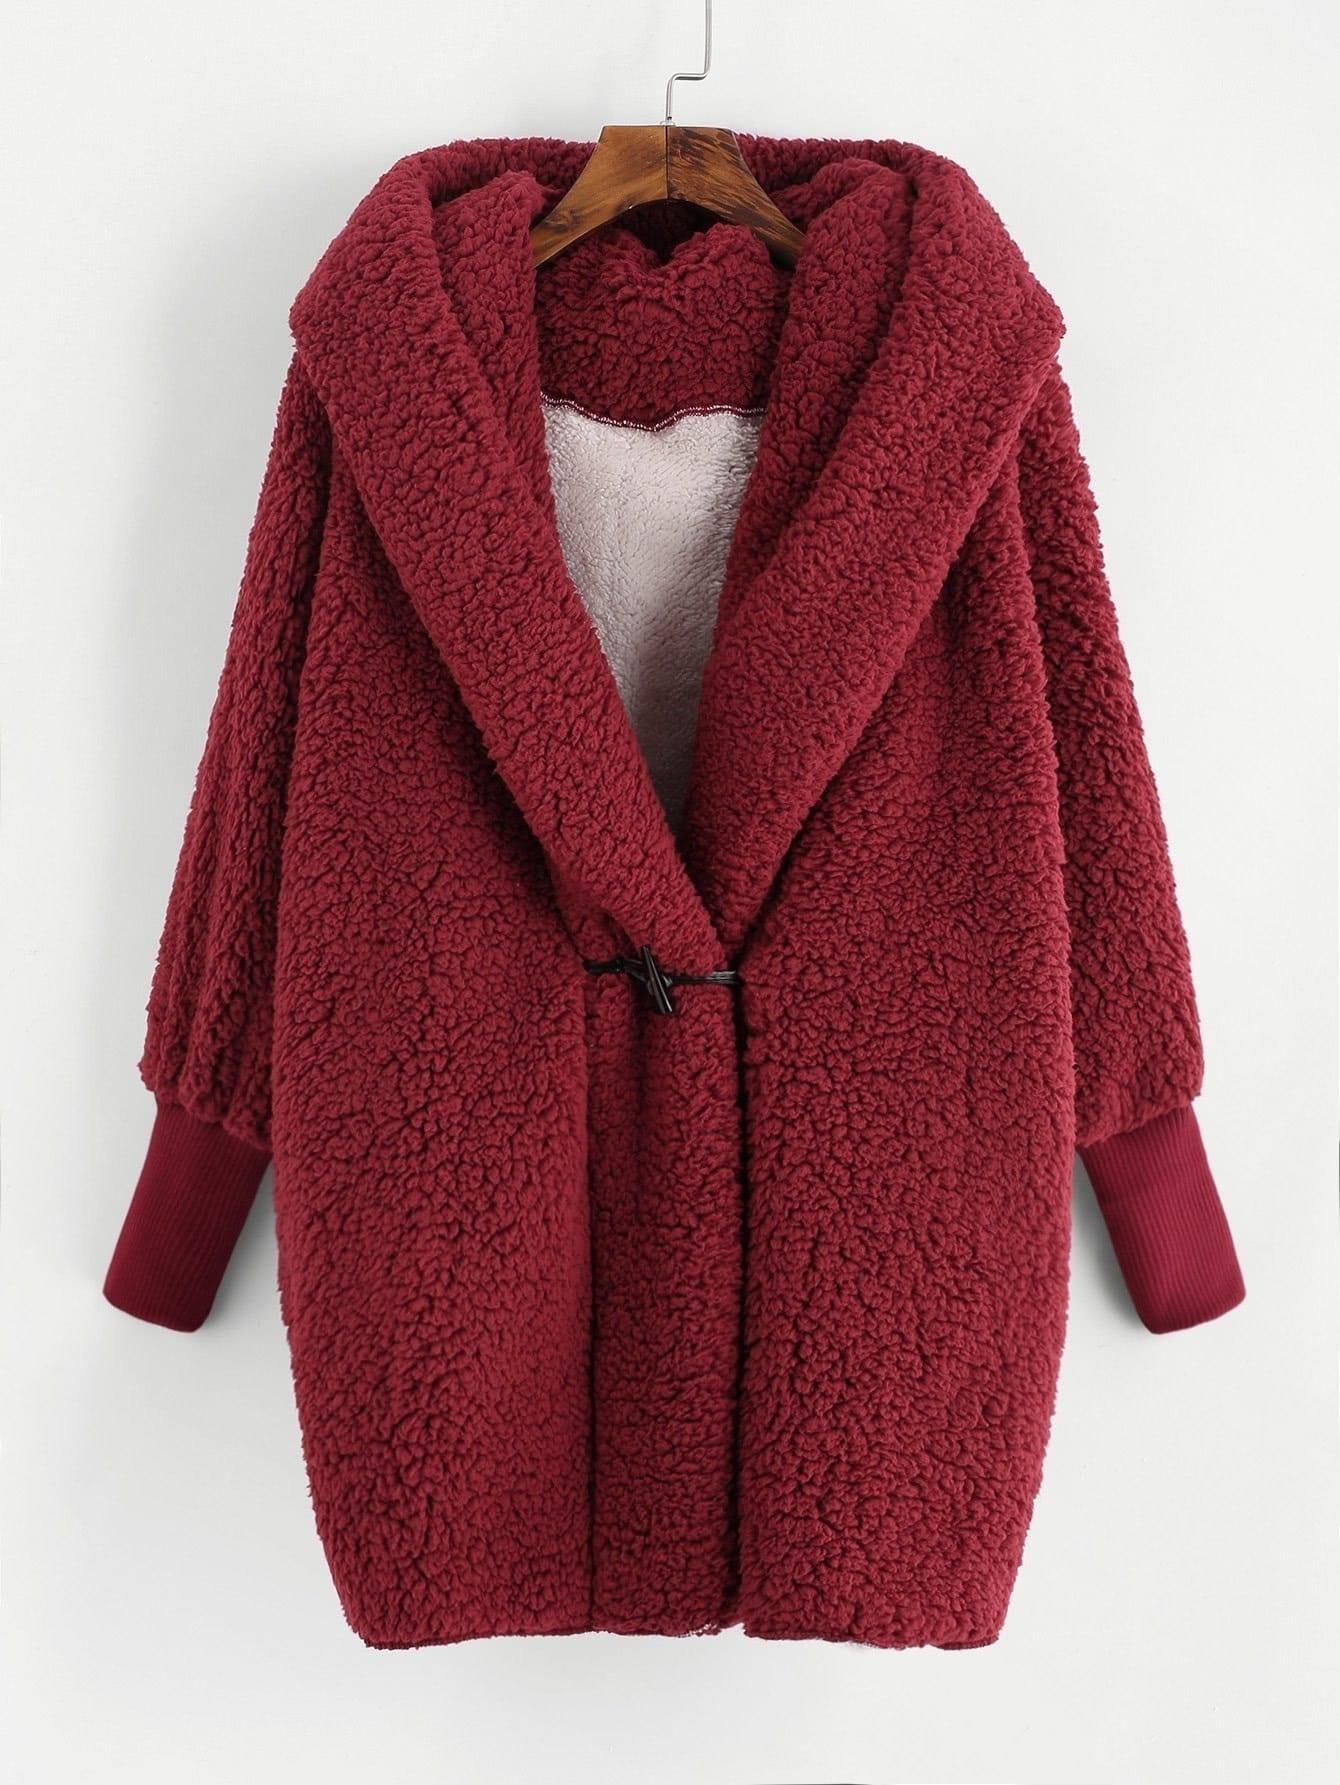 Faux Fur Hooded Coat топор truper hc 1 1 4f 14951